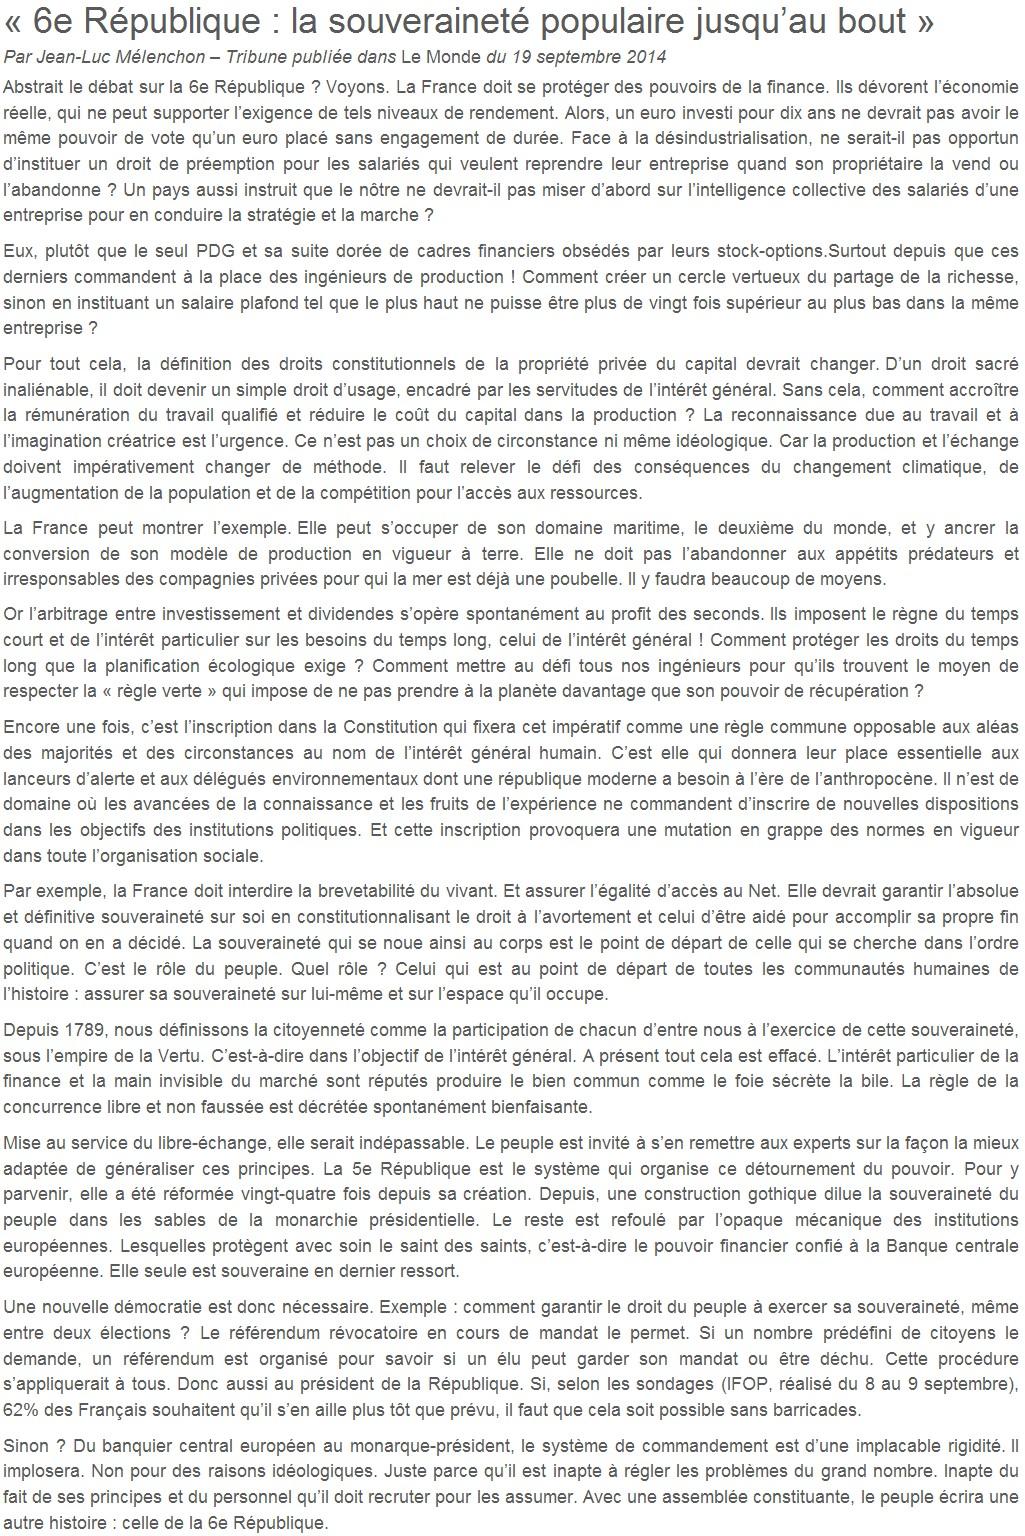 Je signe pour la 6e République + Déclaration de Marie George Buffet + Diverses signatures et appels (politiques, associatifs, intellectuels), signatures collectives (Socialistes affligés, militants PCF, Nouvelle Donne, syndicalistes)  14101607394317936712618672